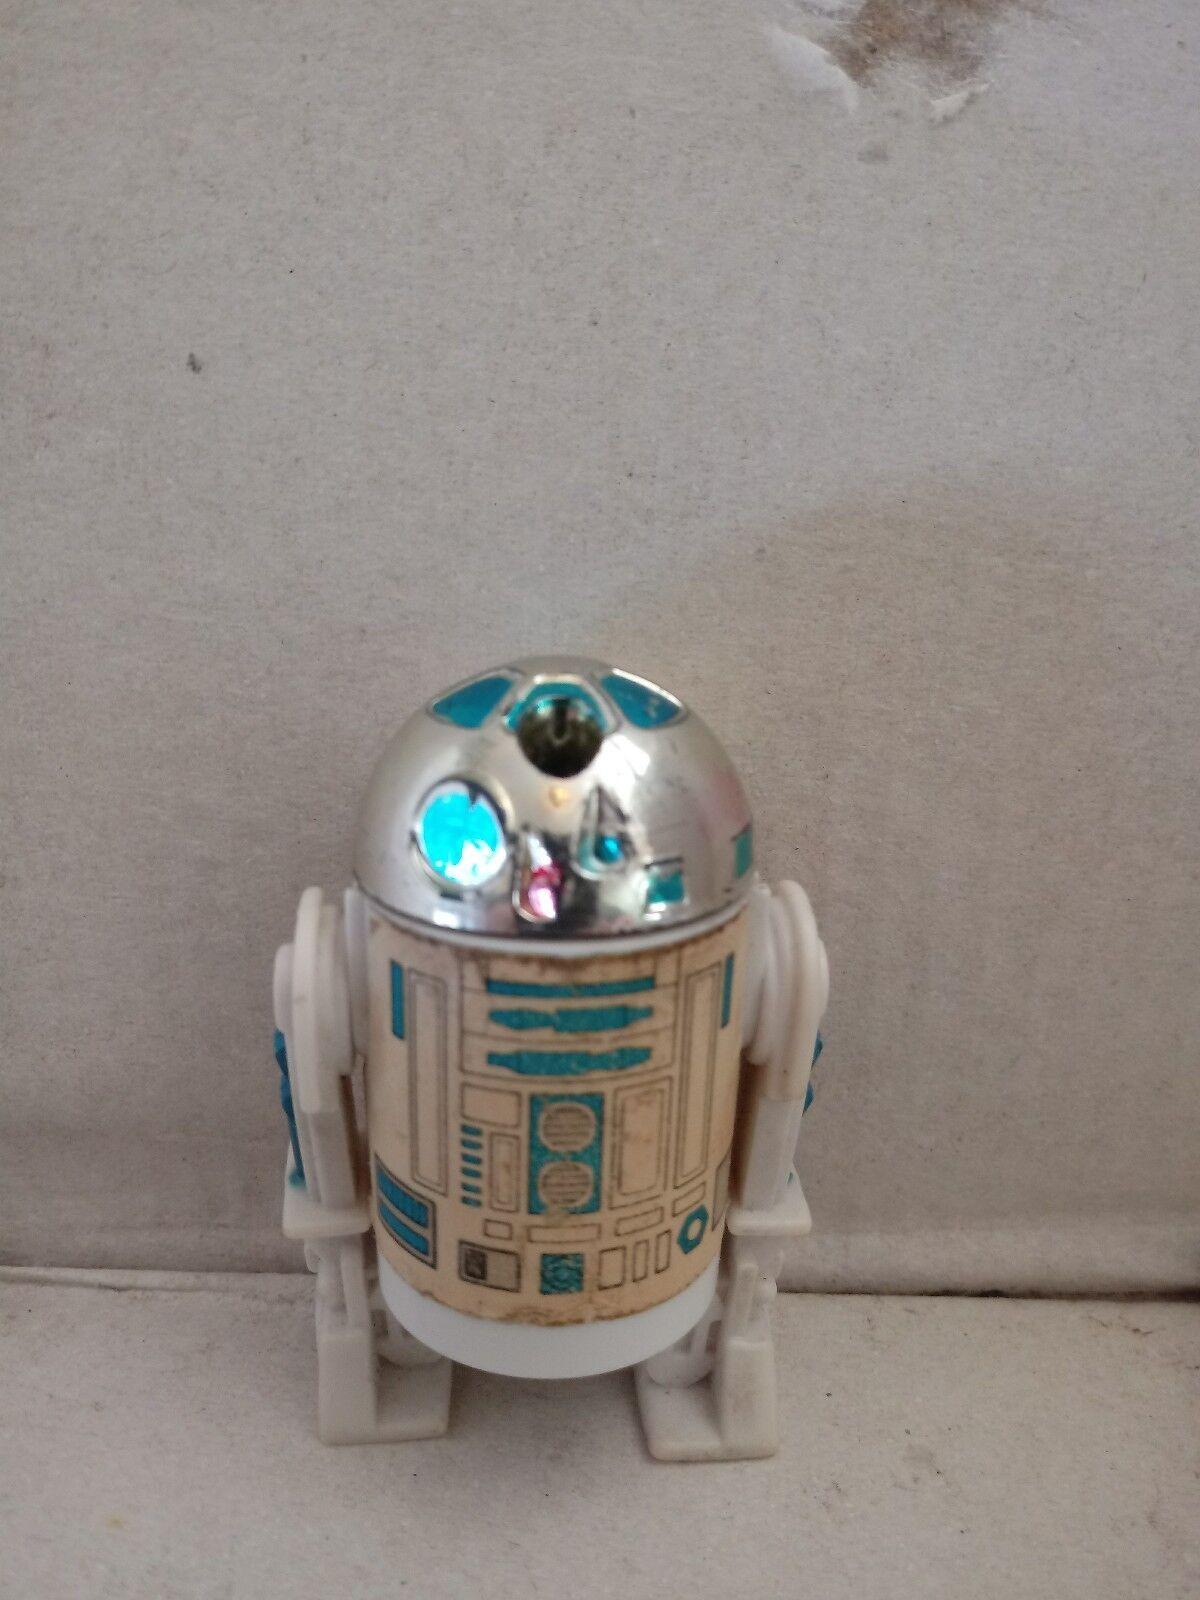 VINTAGE 1985 STAR WARS R2-D2 POP UP LIGHTSABER SABER POTF LAST 17 ORIGINAL